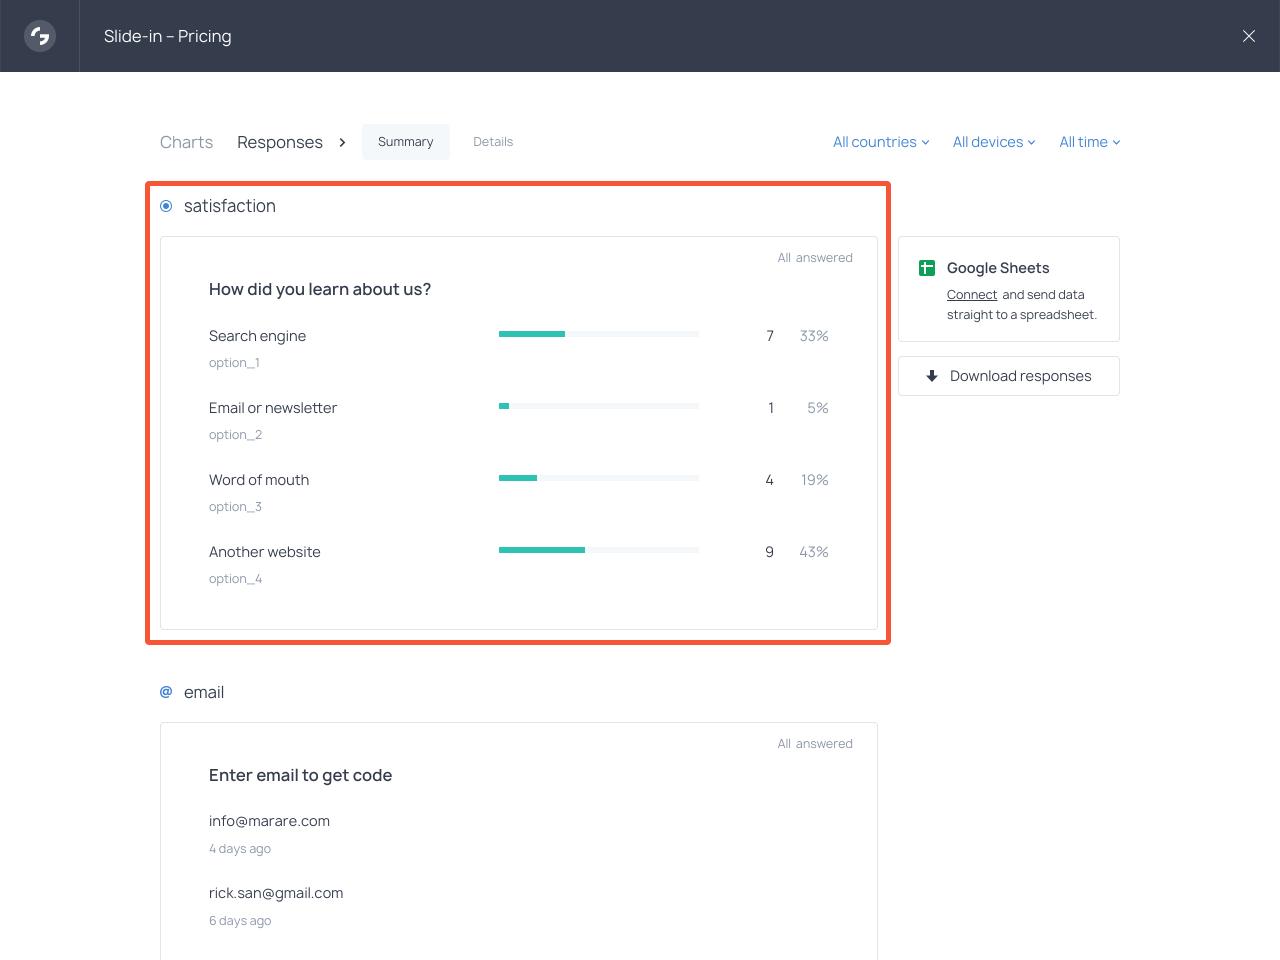 How to view survey responses in Getsitecontrol